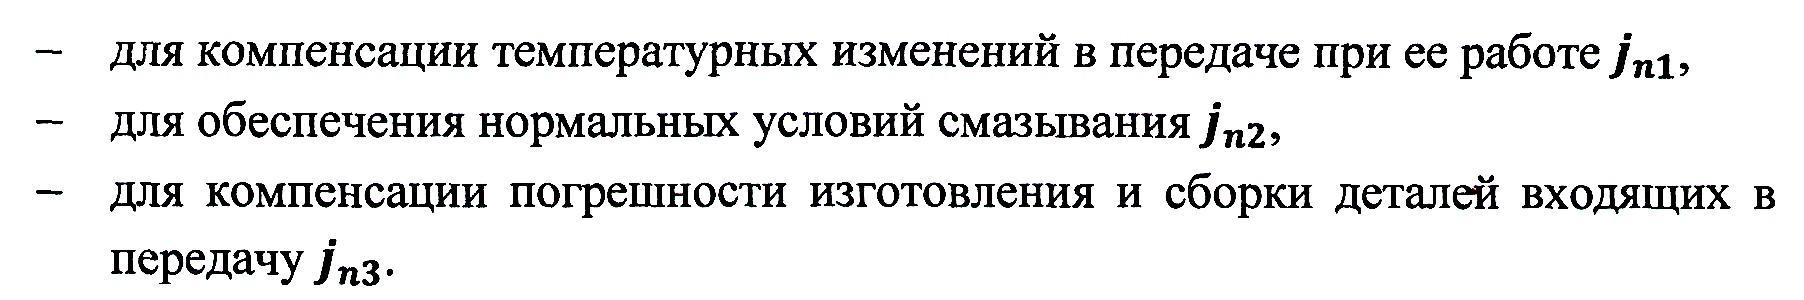 Рис 15Б